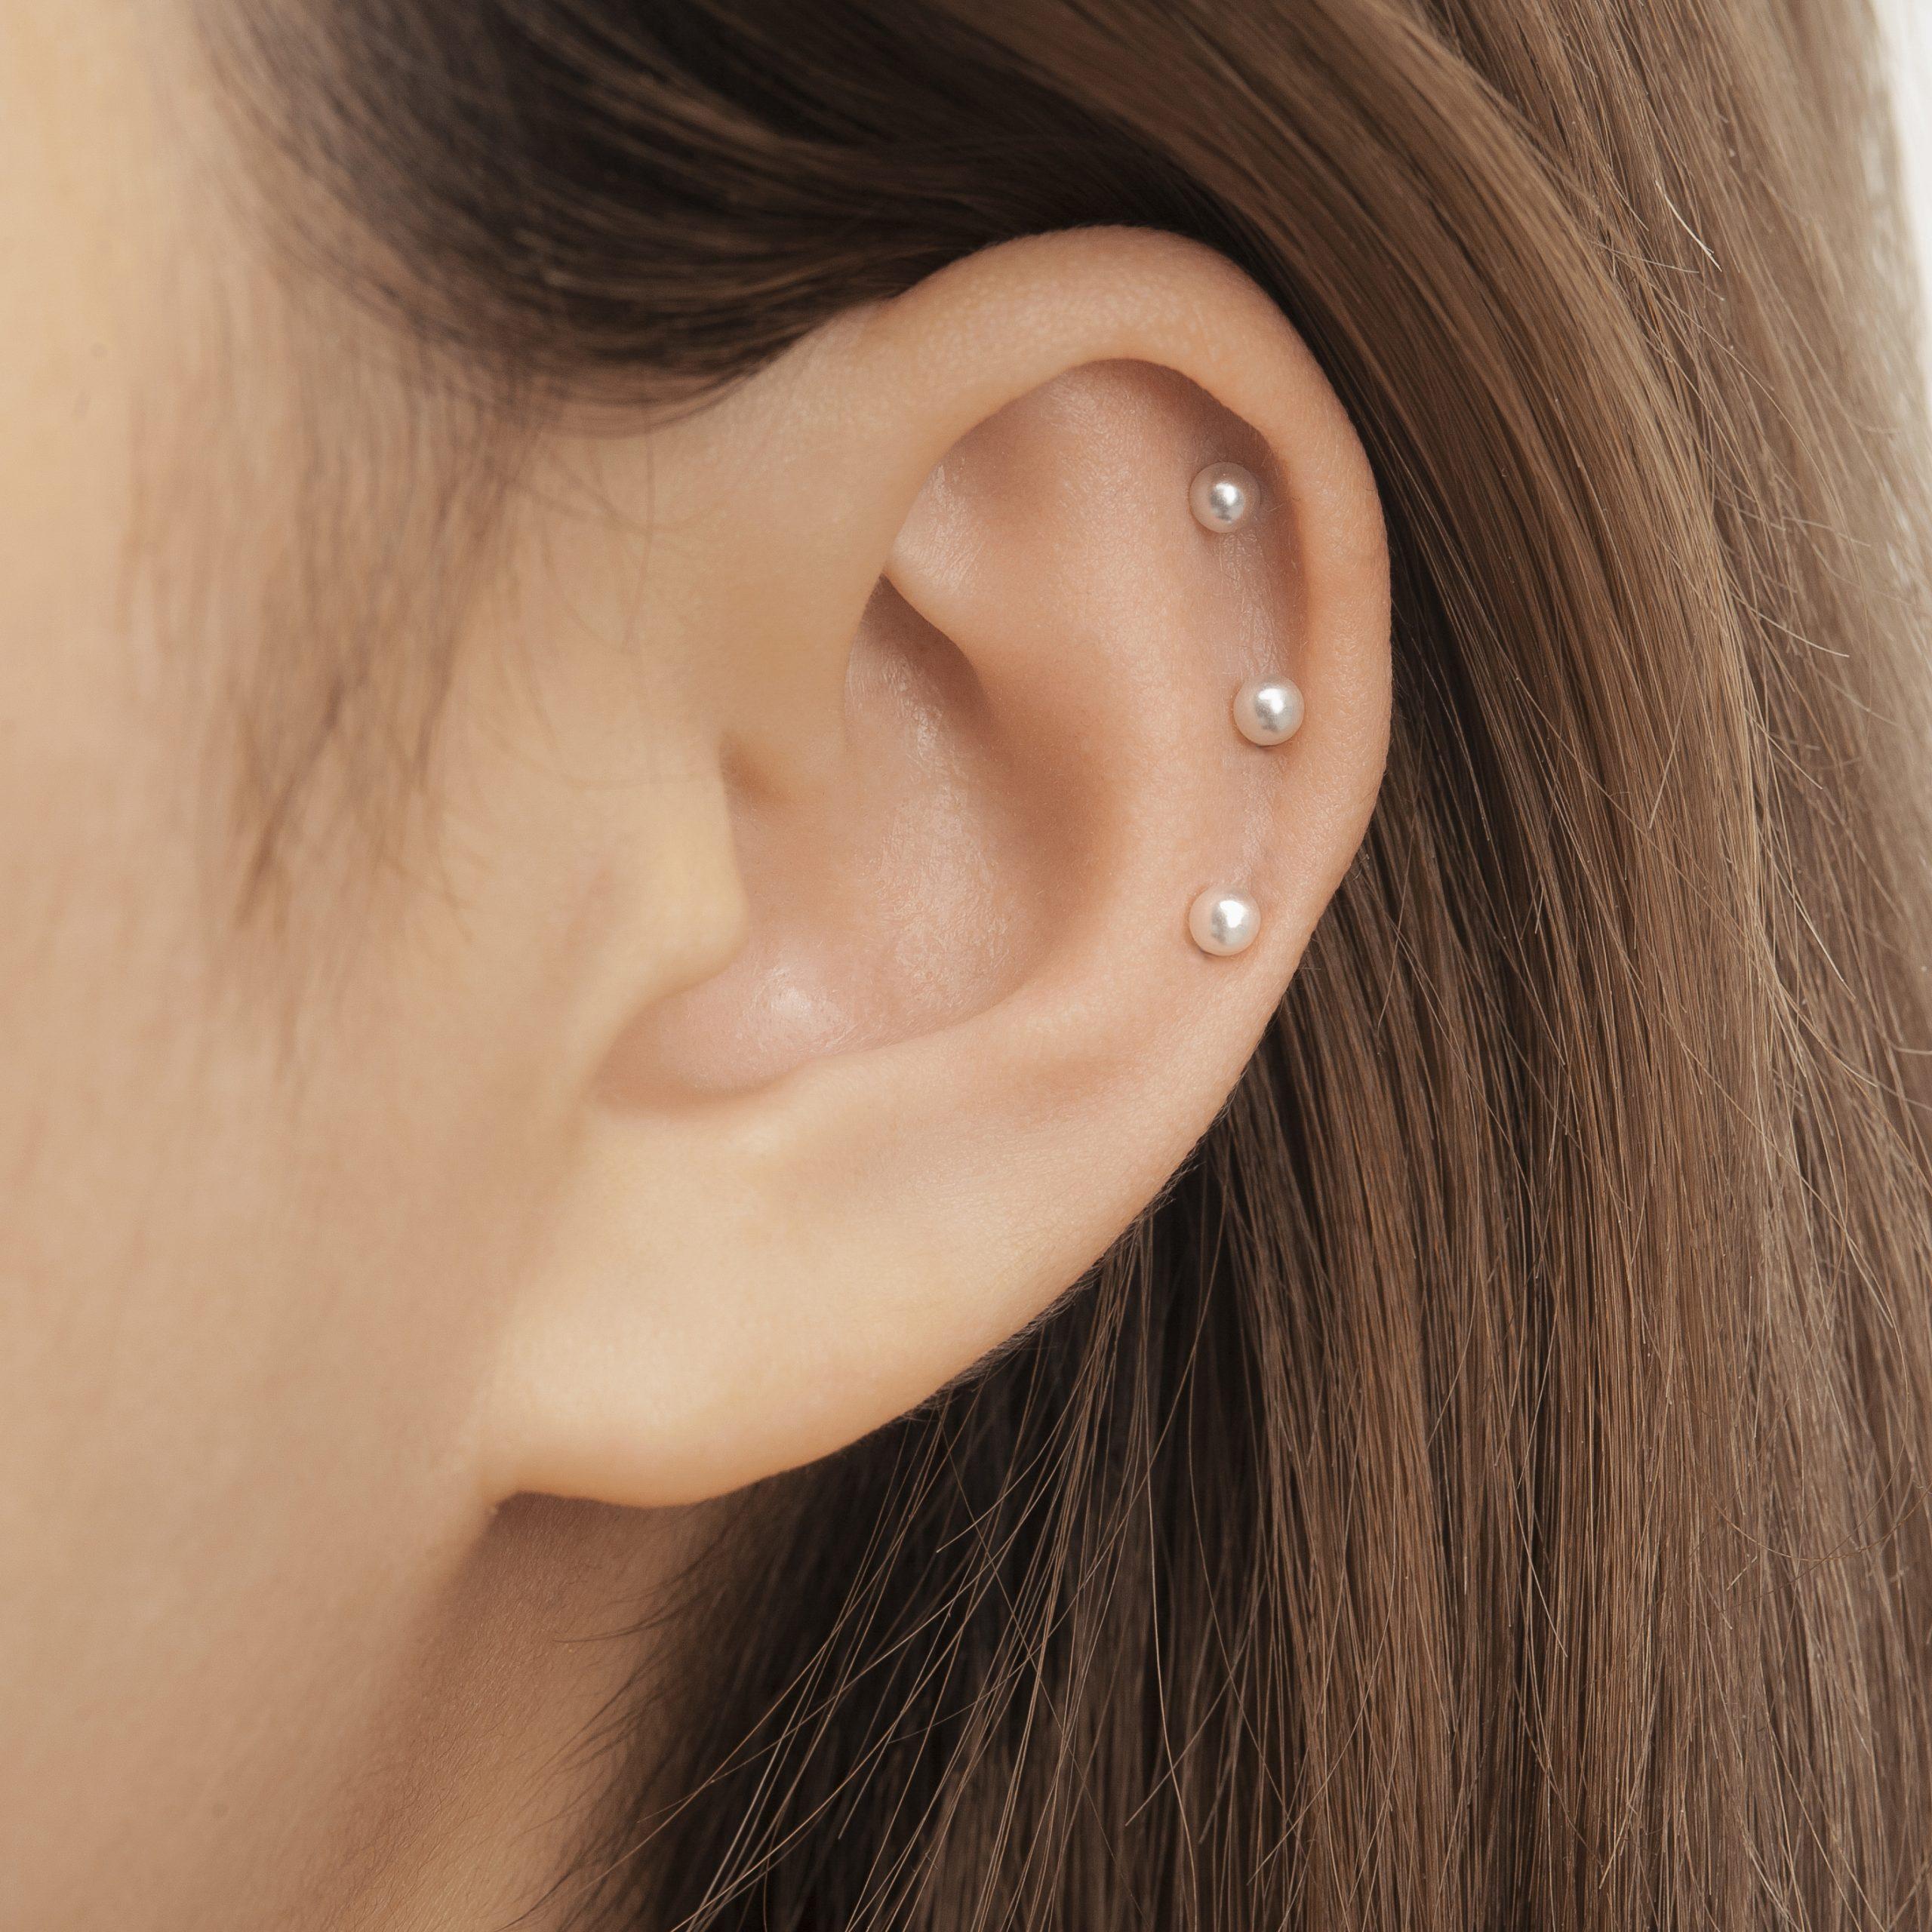 Triple Helix Piercing (vị trí xỏ khuyên 3 lỗ sụn vành tai)